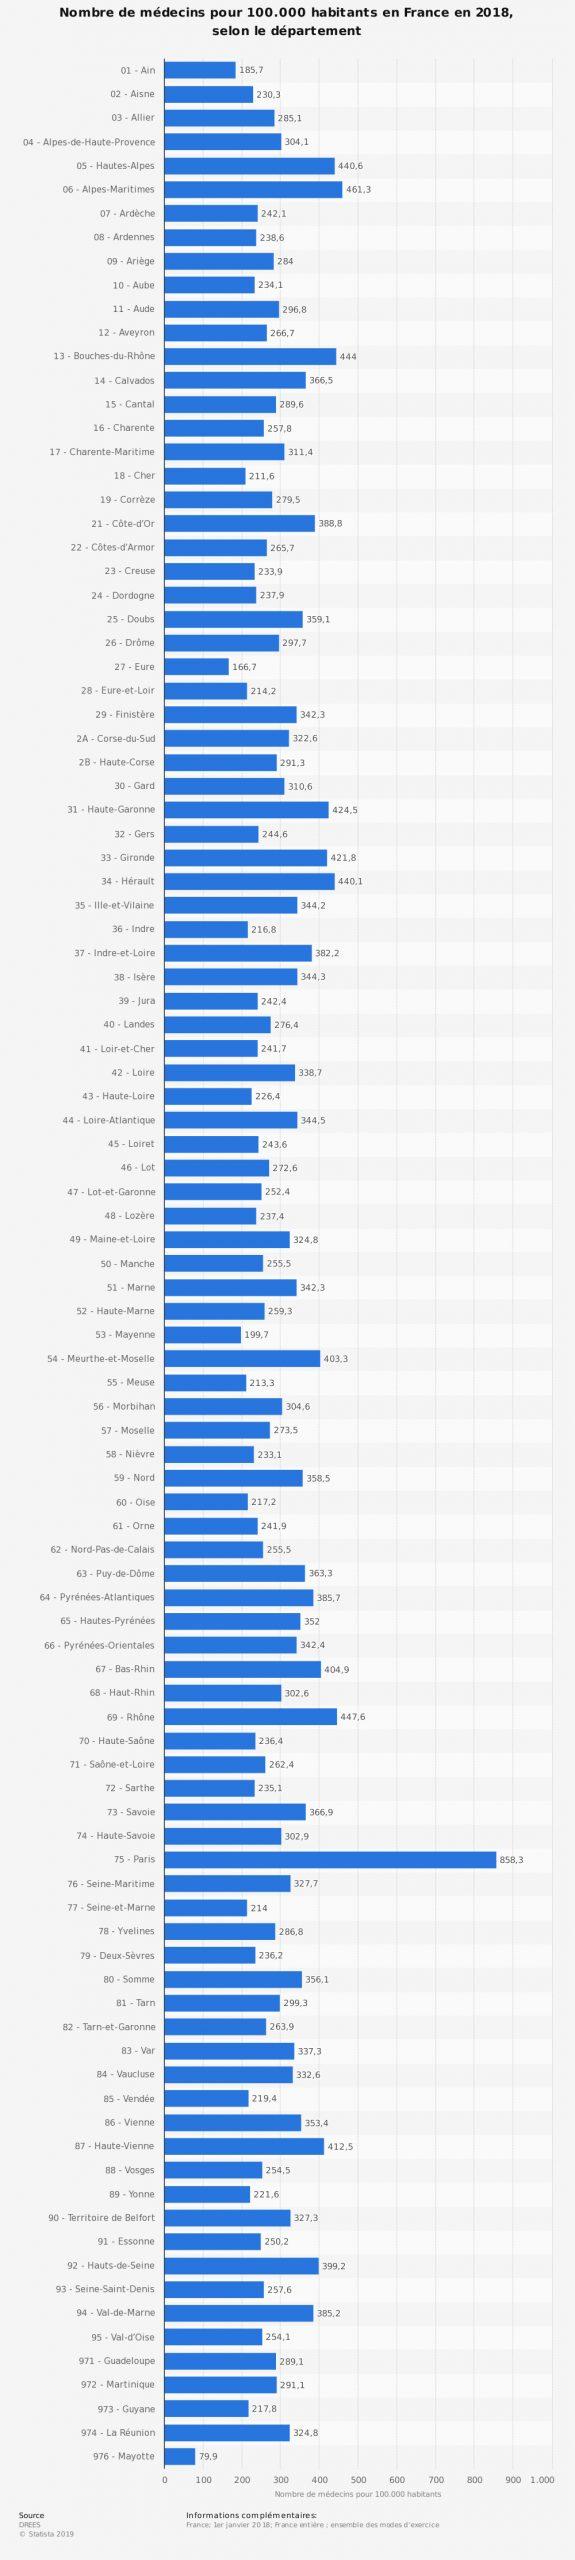 Médecins : Densité Par Département France 2018 | Statista encequiconcerne Nombre De Régions En France 2017